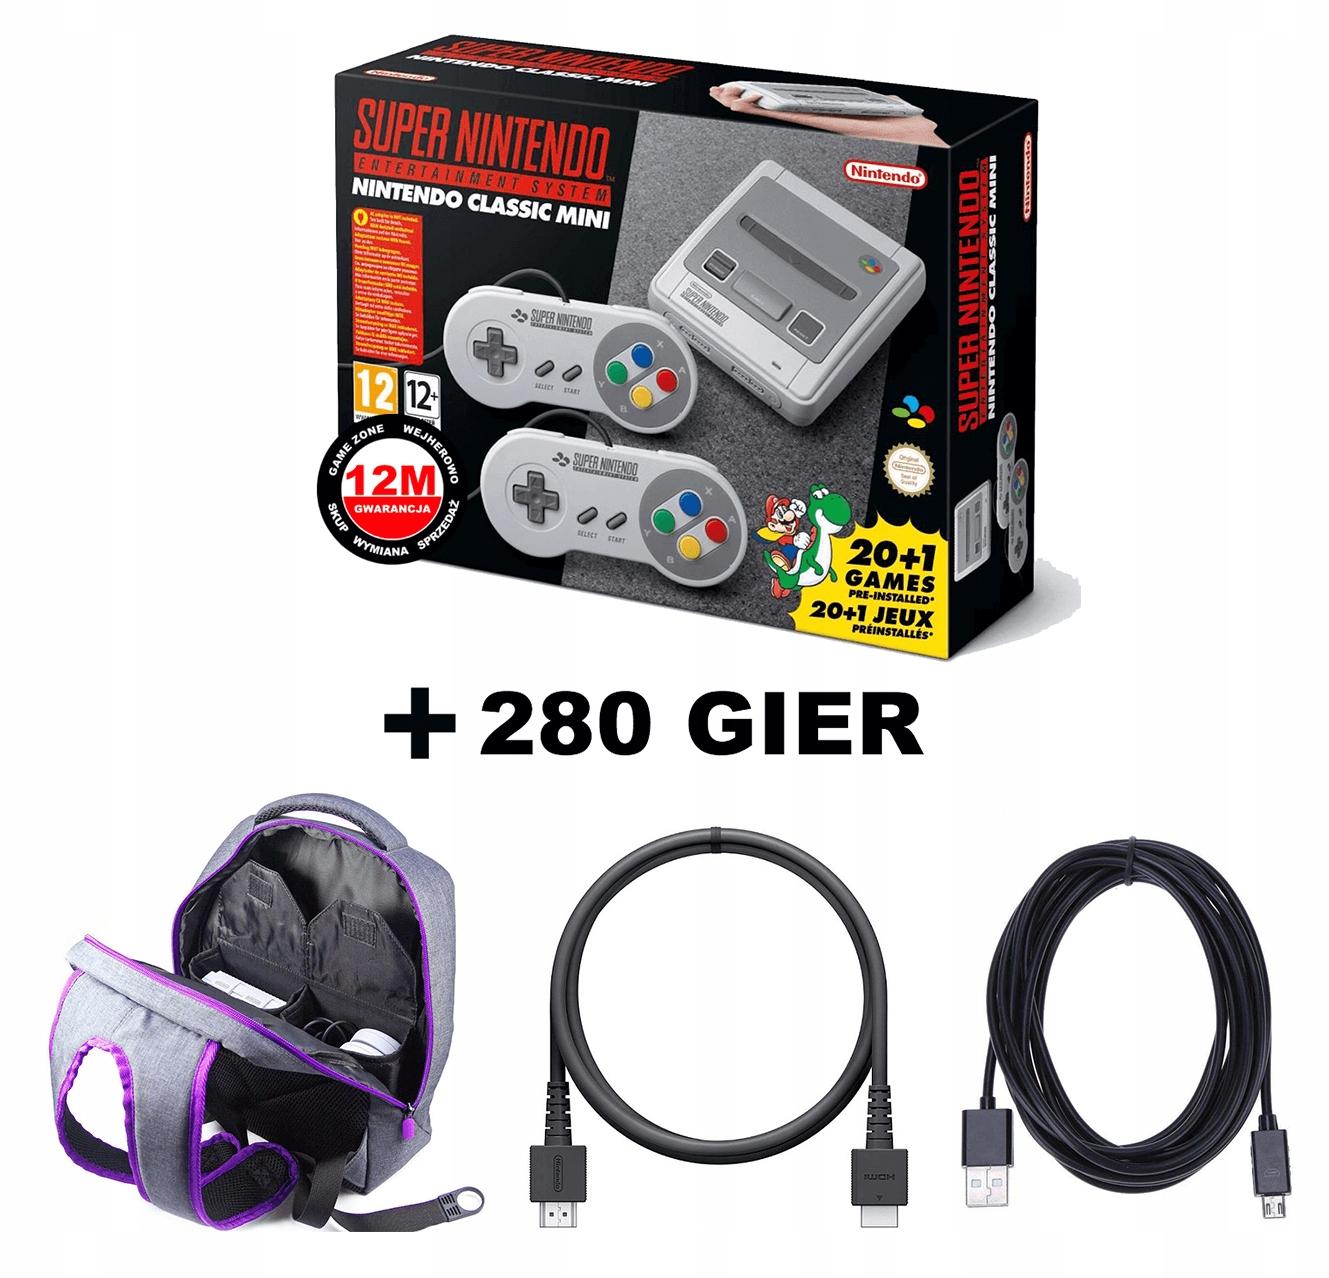 Nintendo Sens Mini 280 Hry NES / ATARI / SEGA + BACKPACK